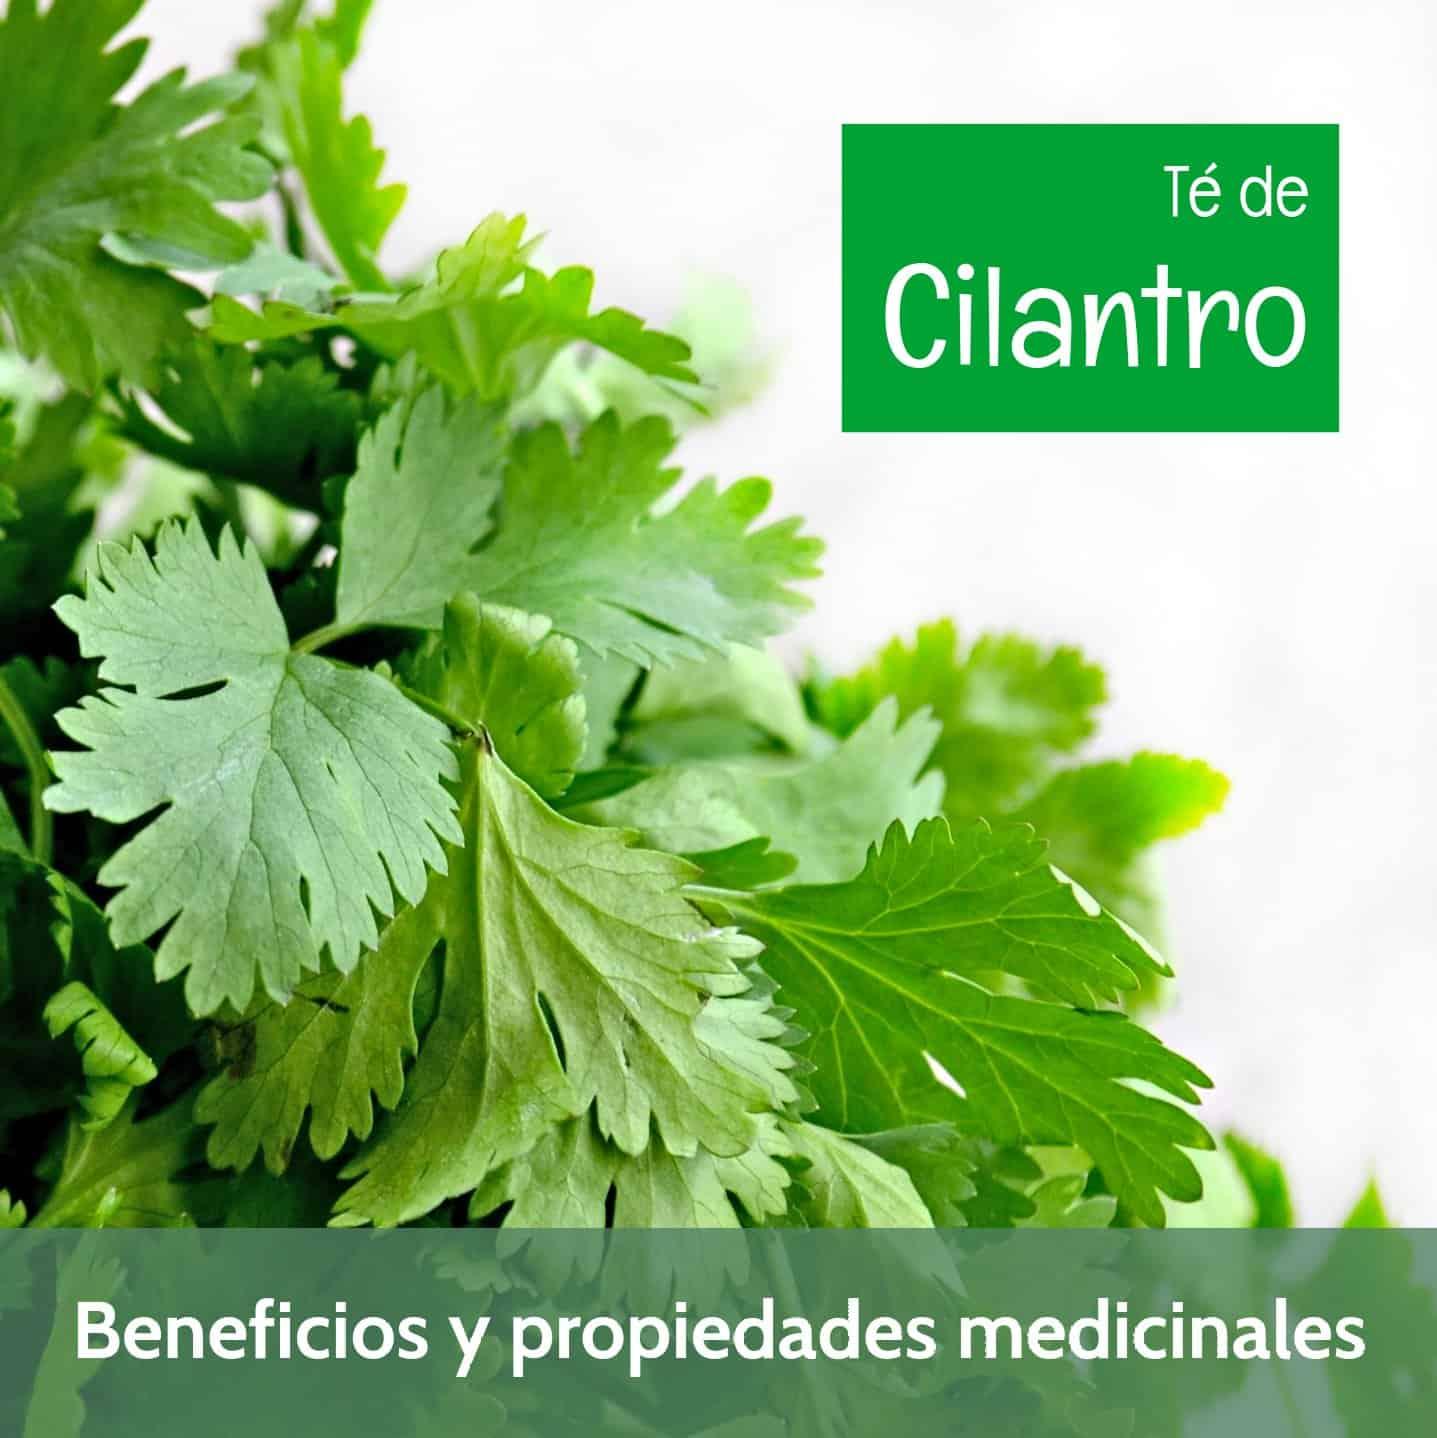 Beneficios medicinales del té de cilantro